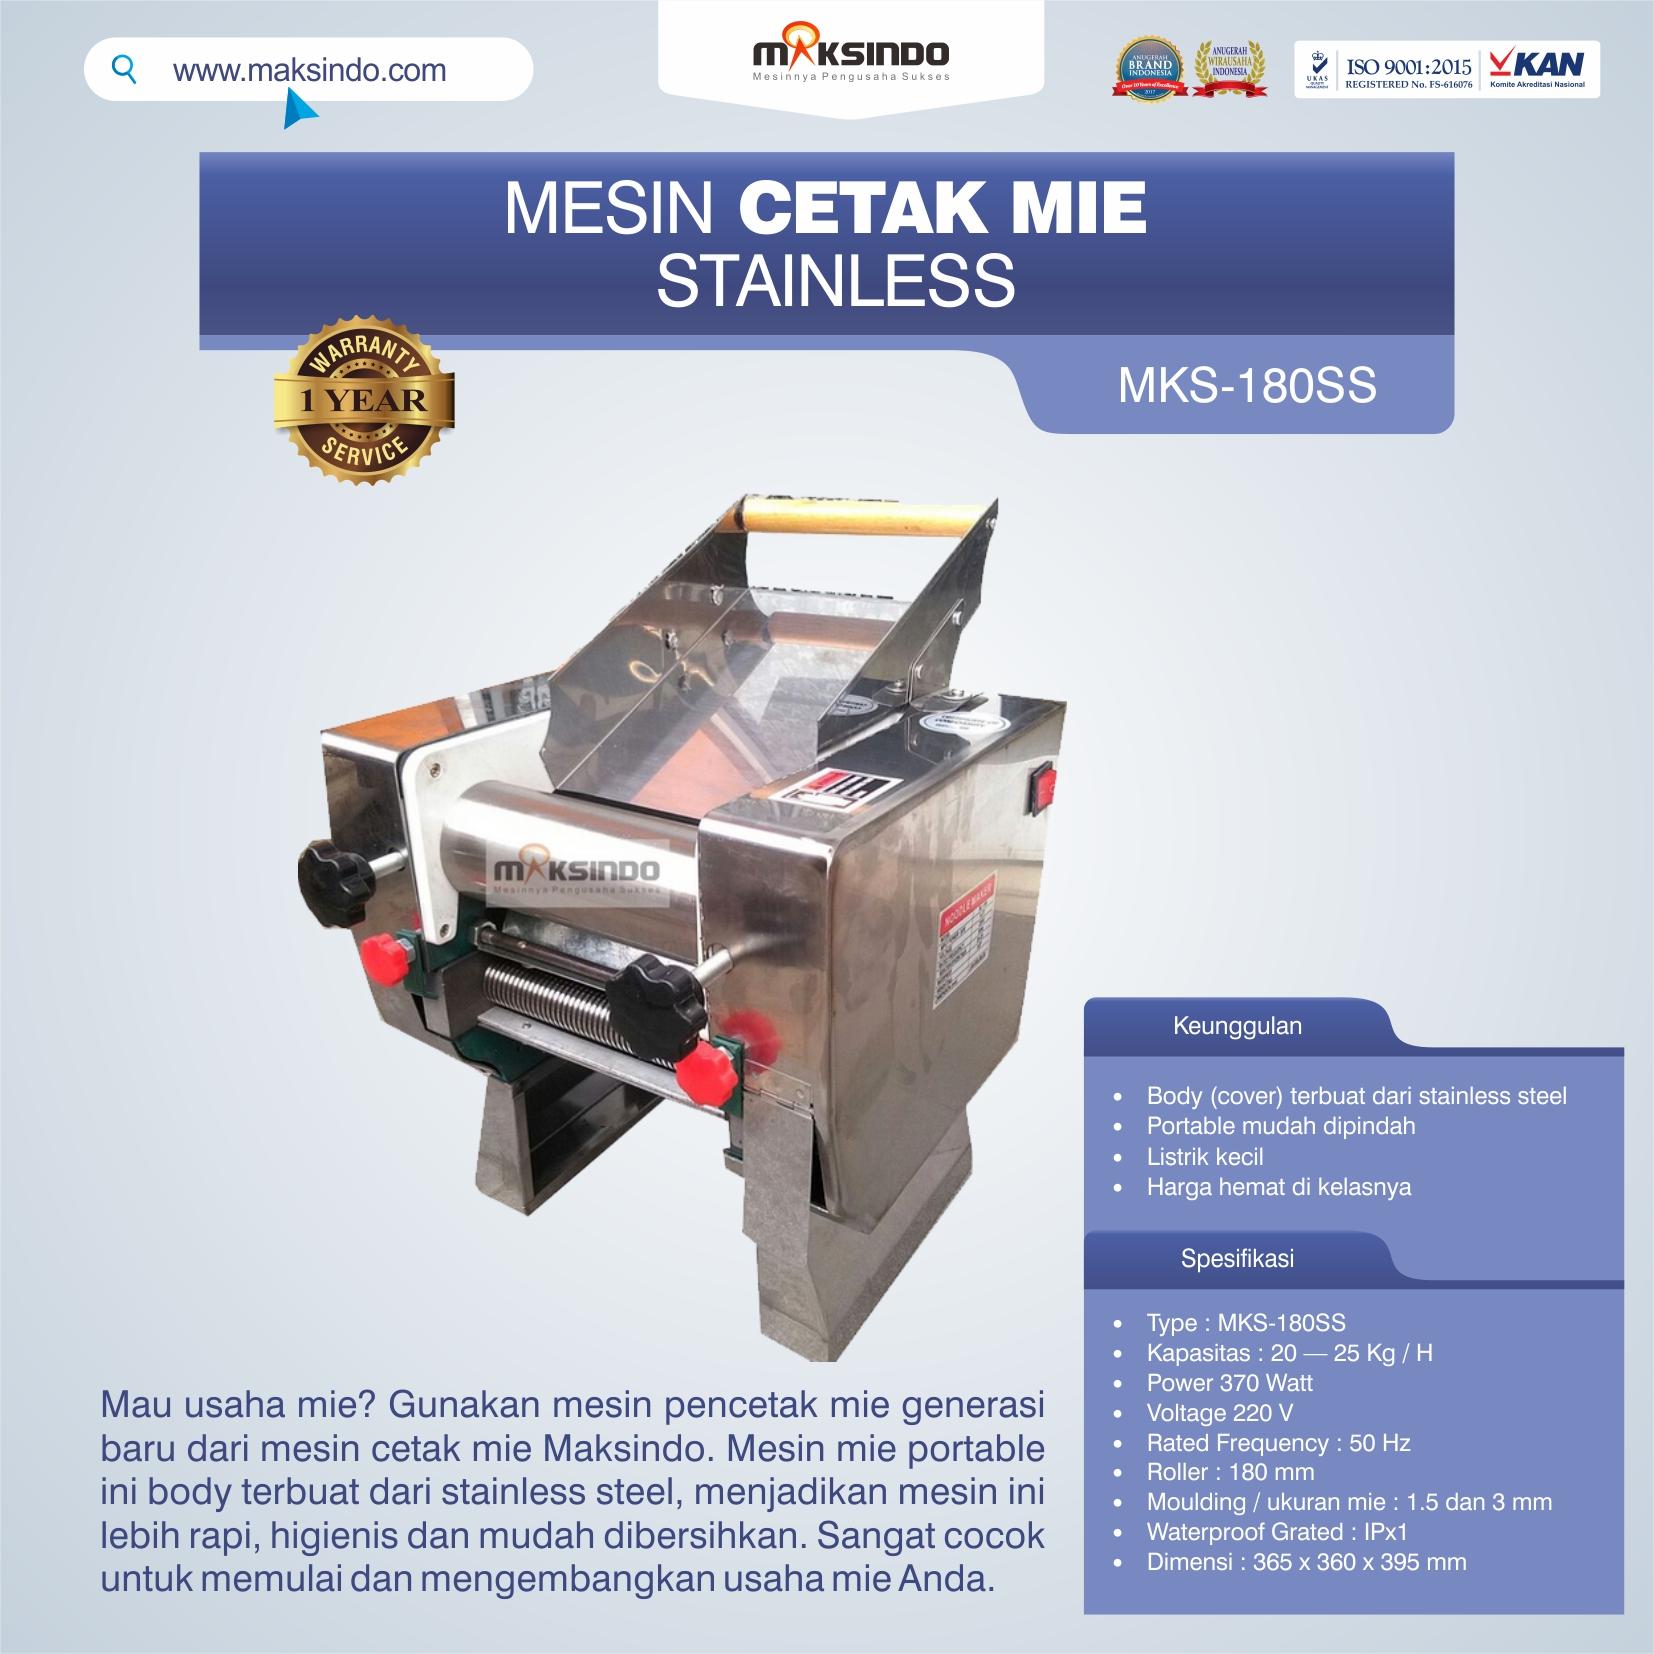 Jual Mesin Cetak Mie Stainless (MKS-180SS) di Bekasi